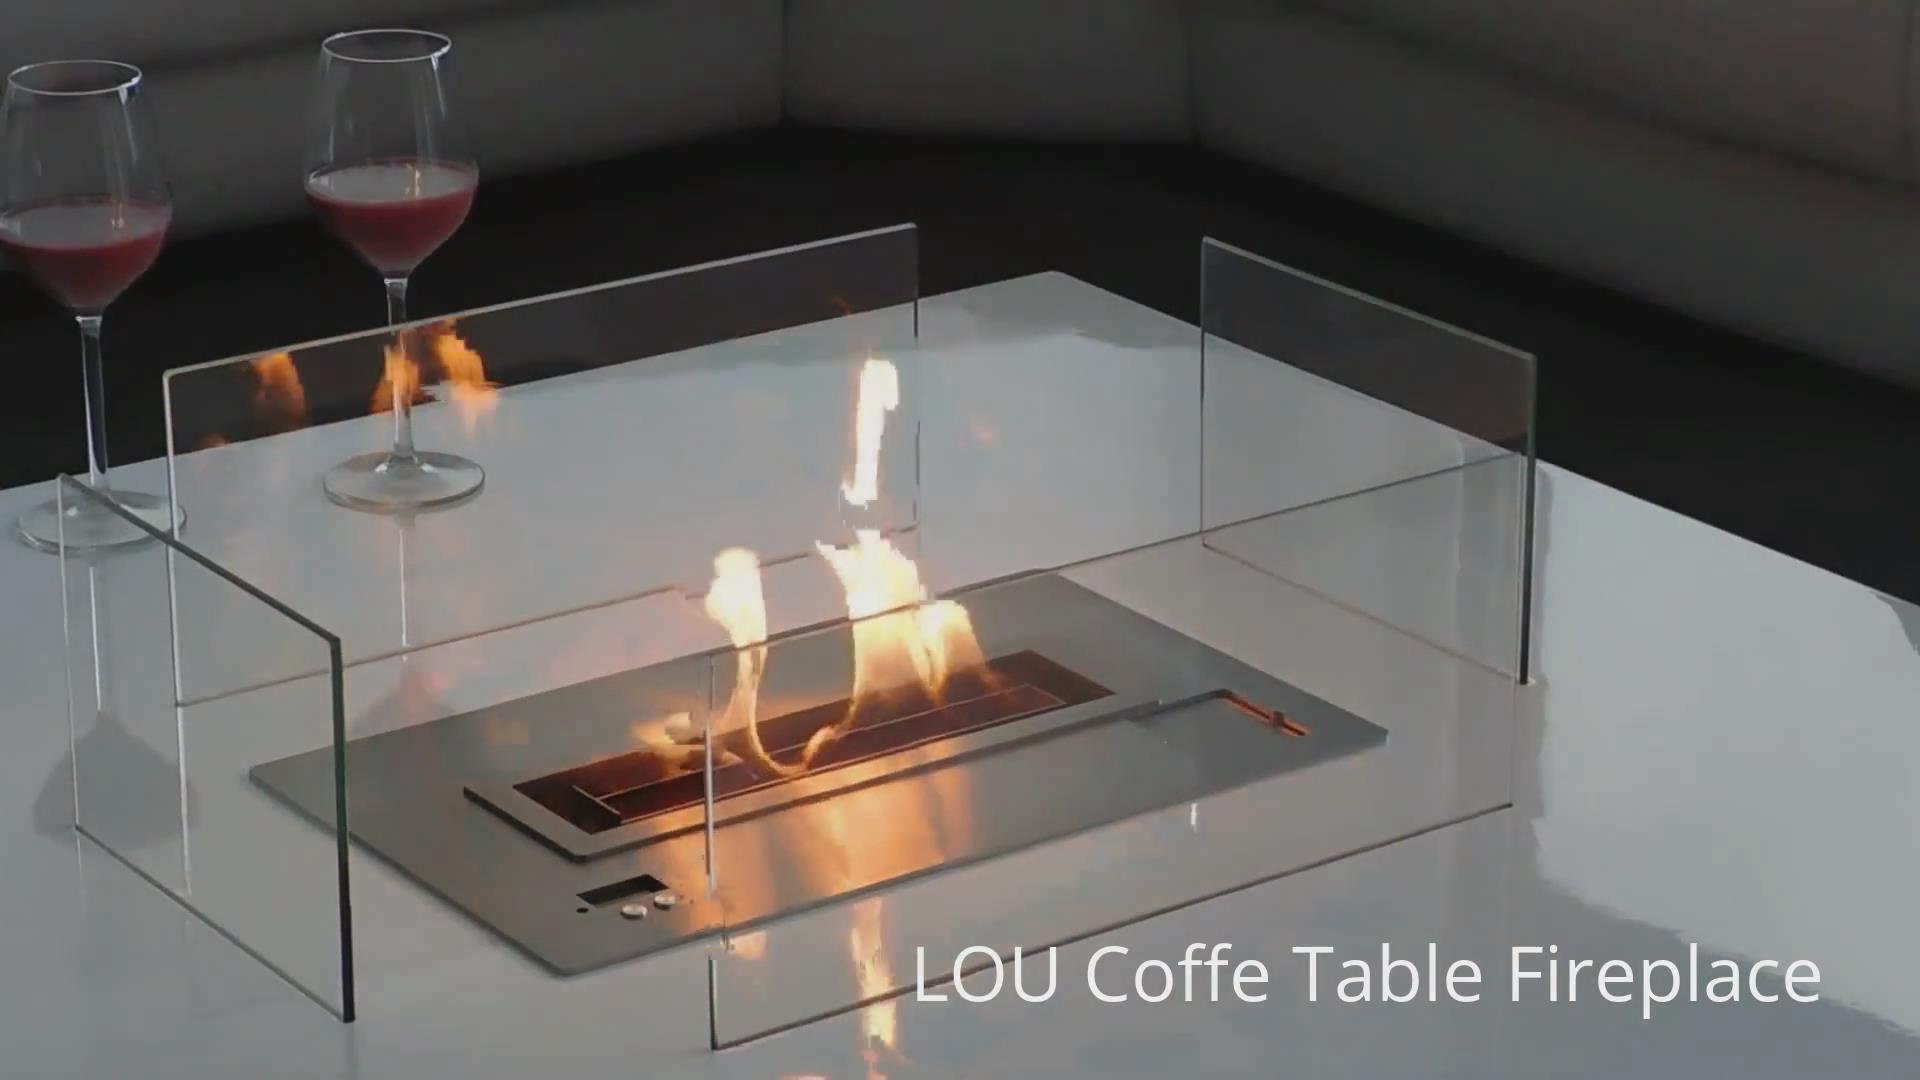 英国A-fire品牌LOU系列智能酒精真火壁炉